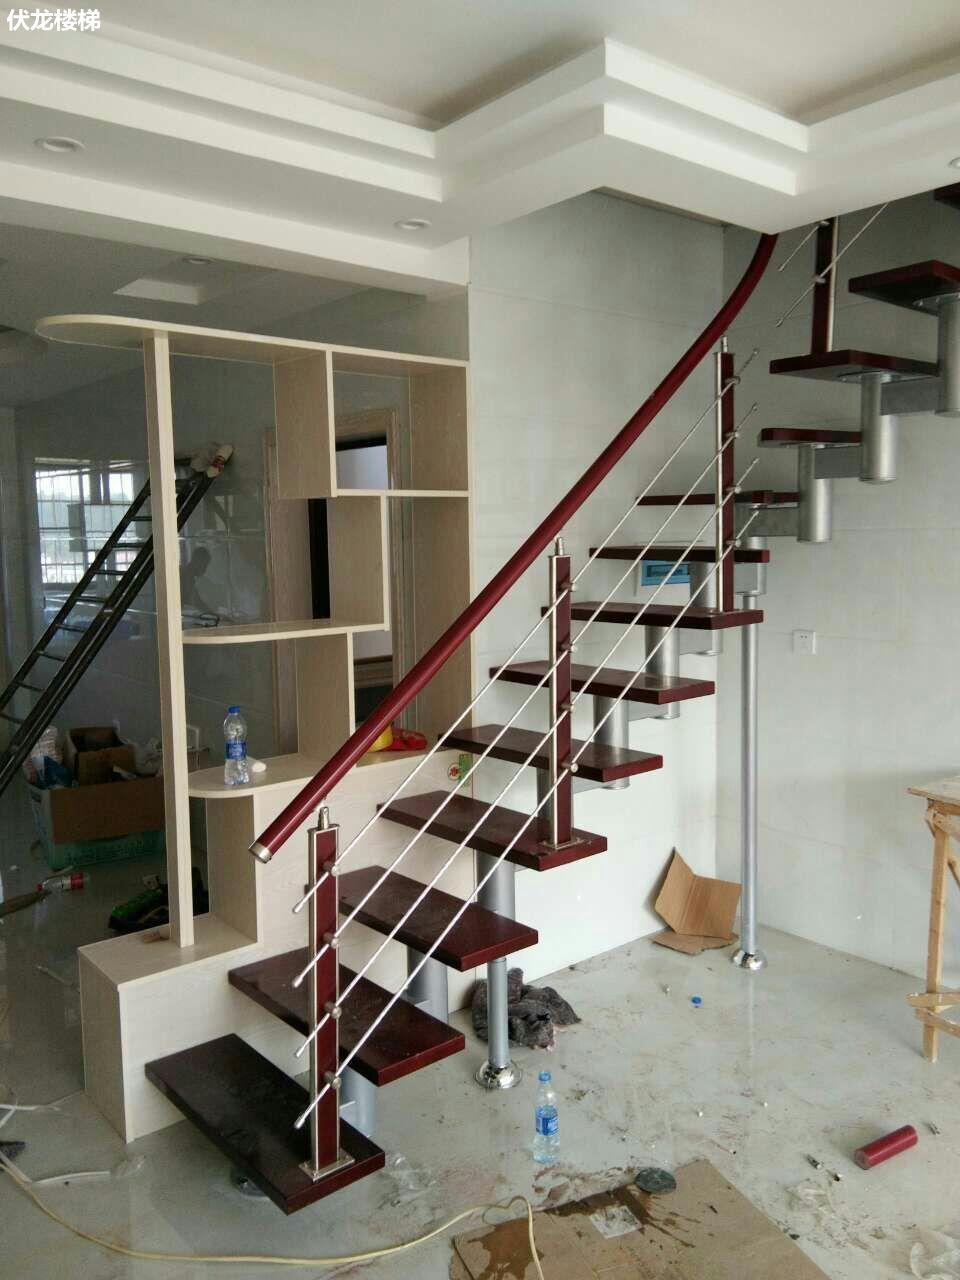 【产品10】阁楼整体楼梯-不锈